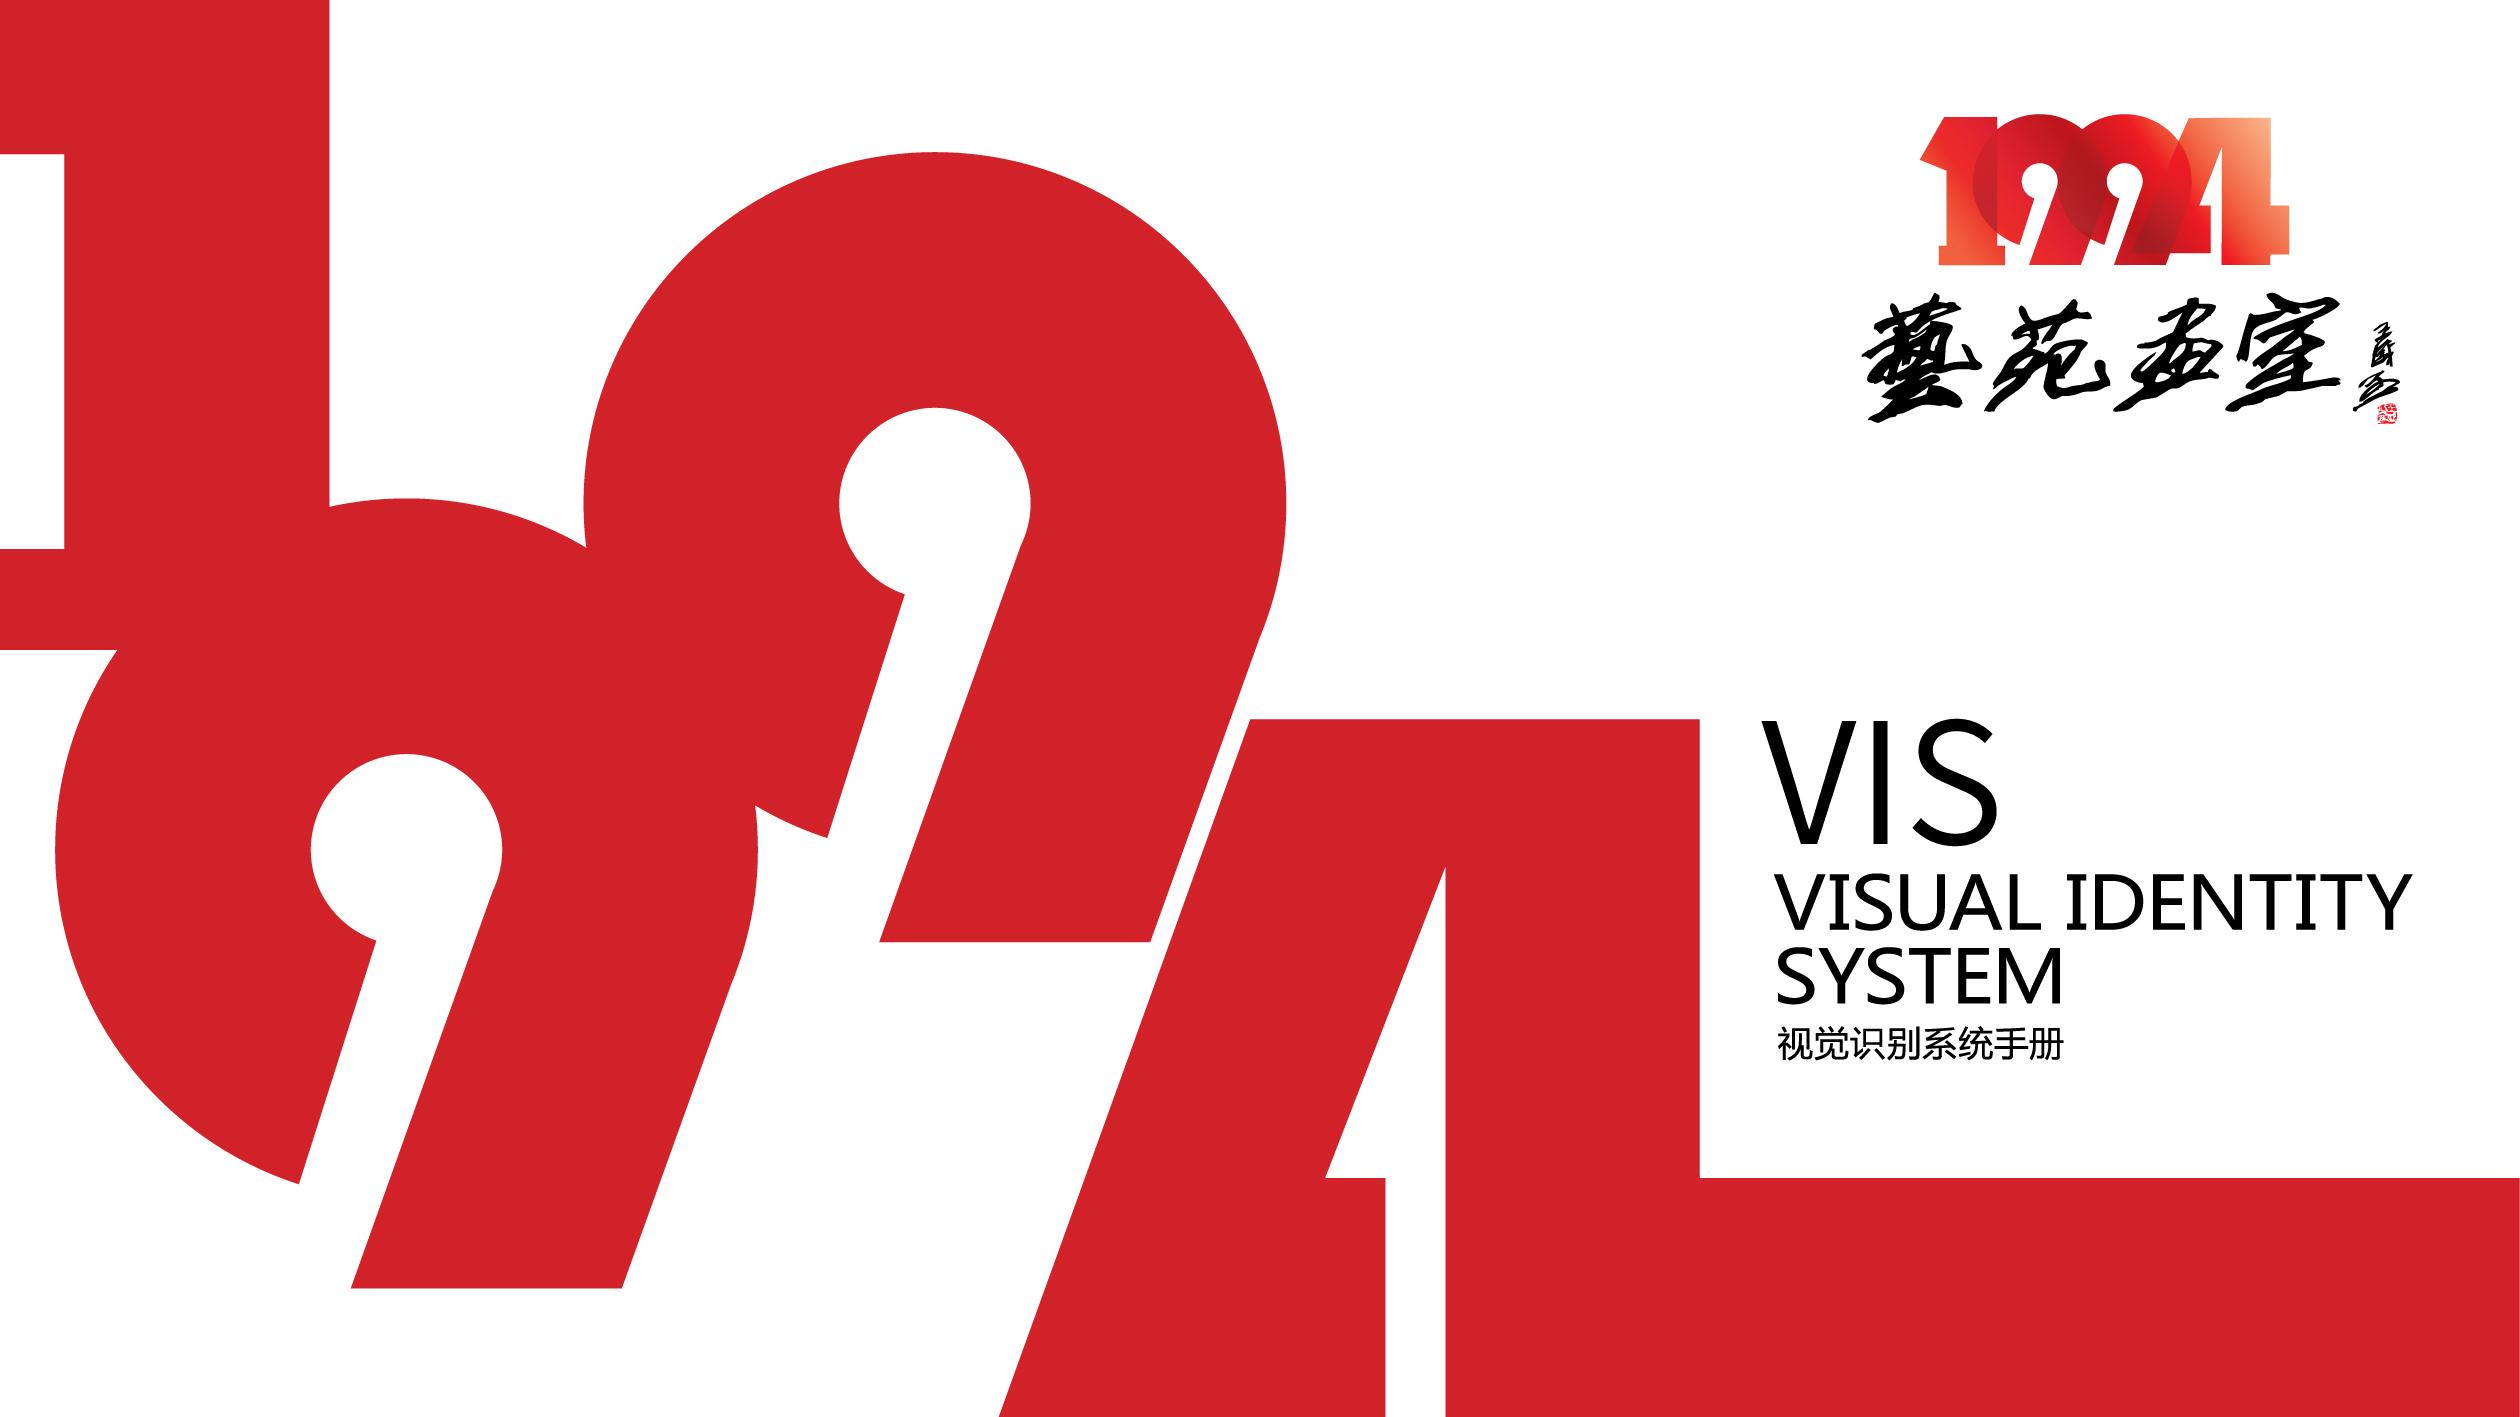 藝苑教育公司VI設計